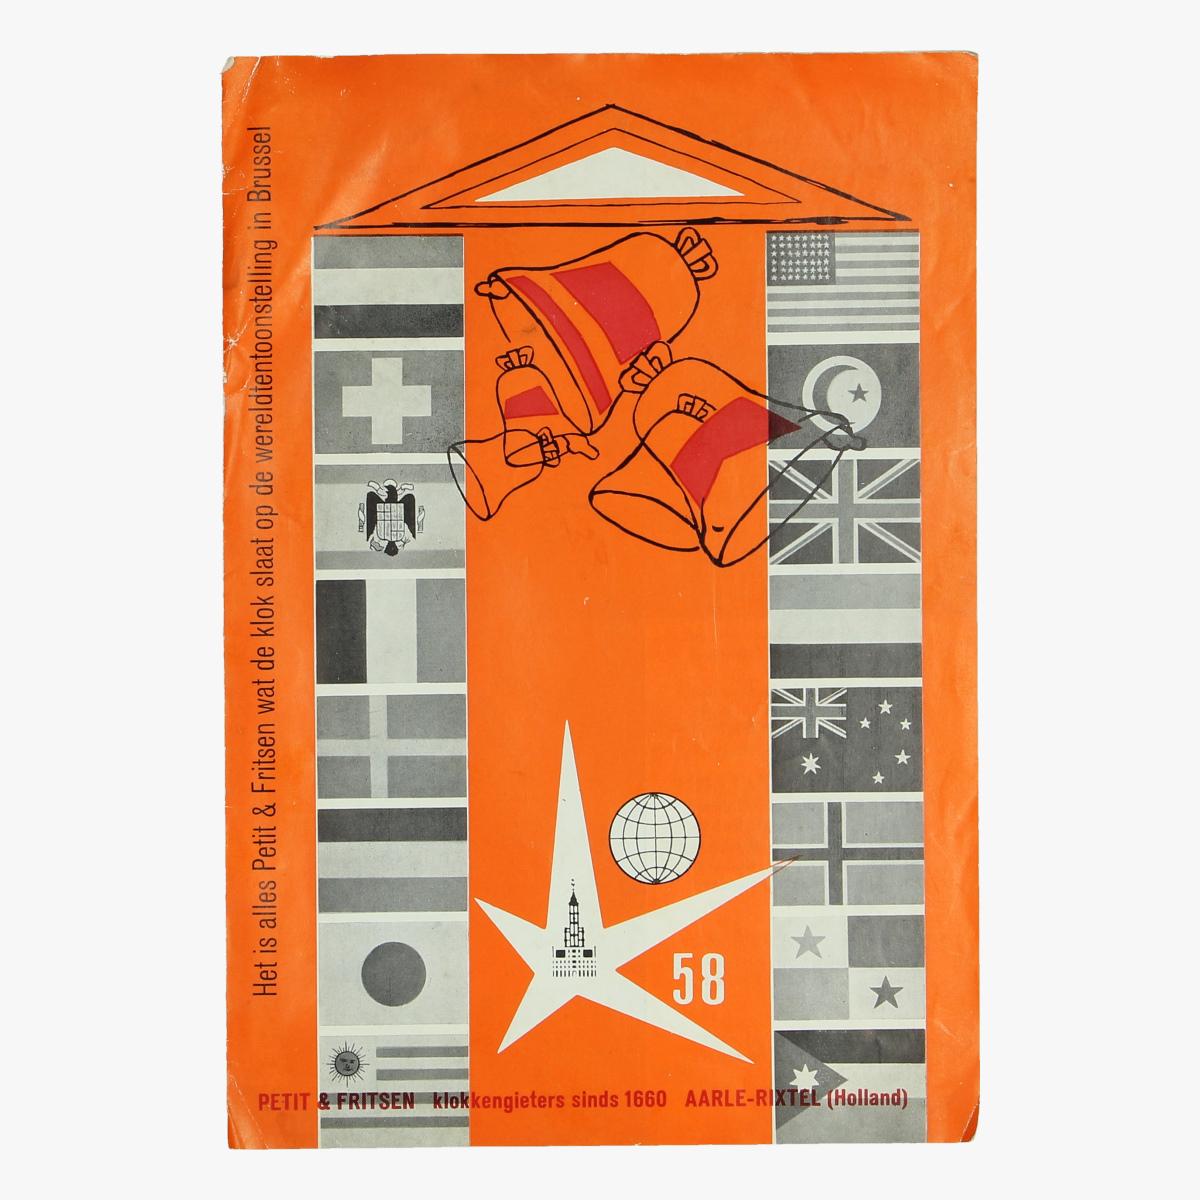 Afbeeldingen van expo 58  folder petit & fritsen klokkengieters